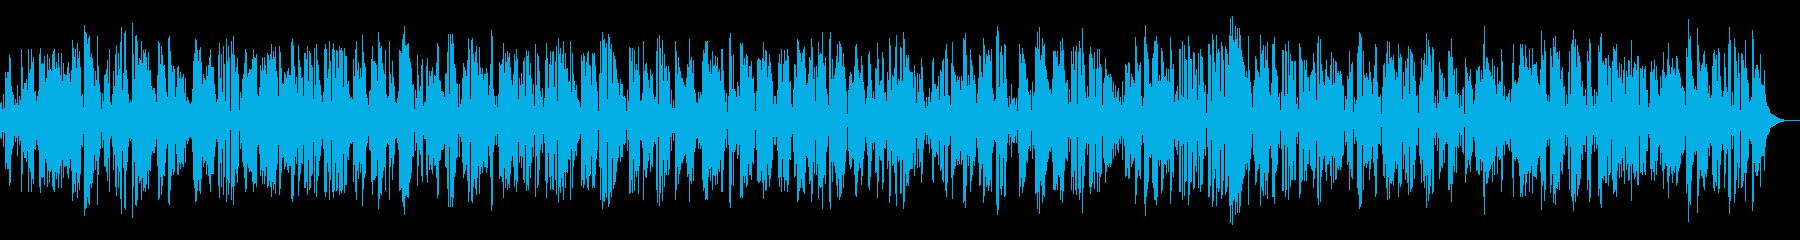 大正ロマン感じるレトロジャズバンドの再生済みの波形